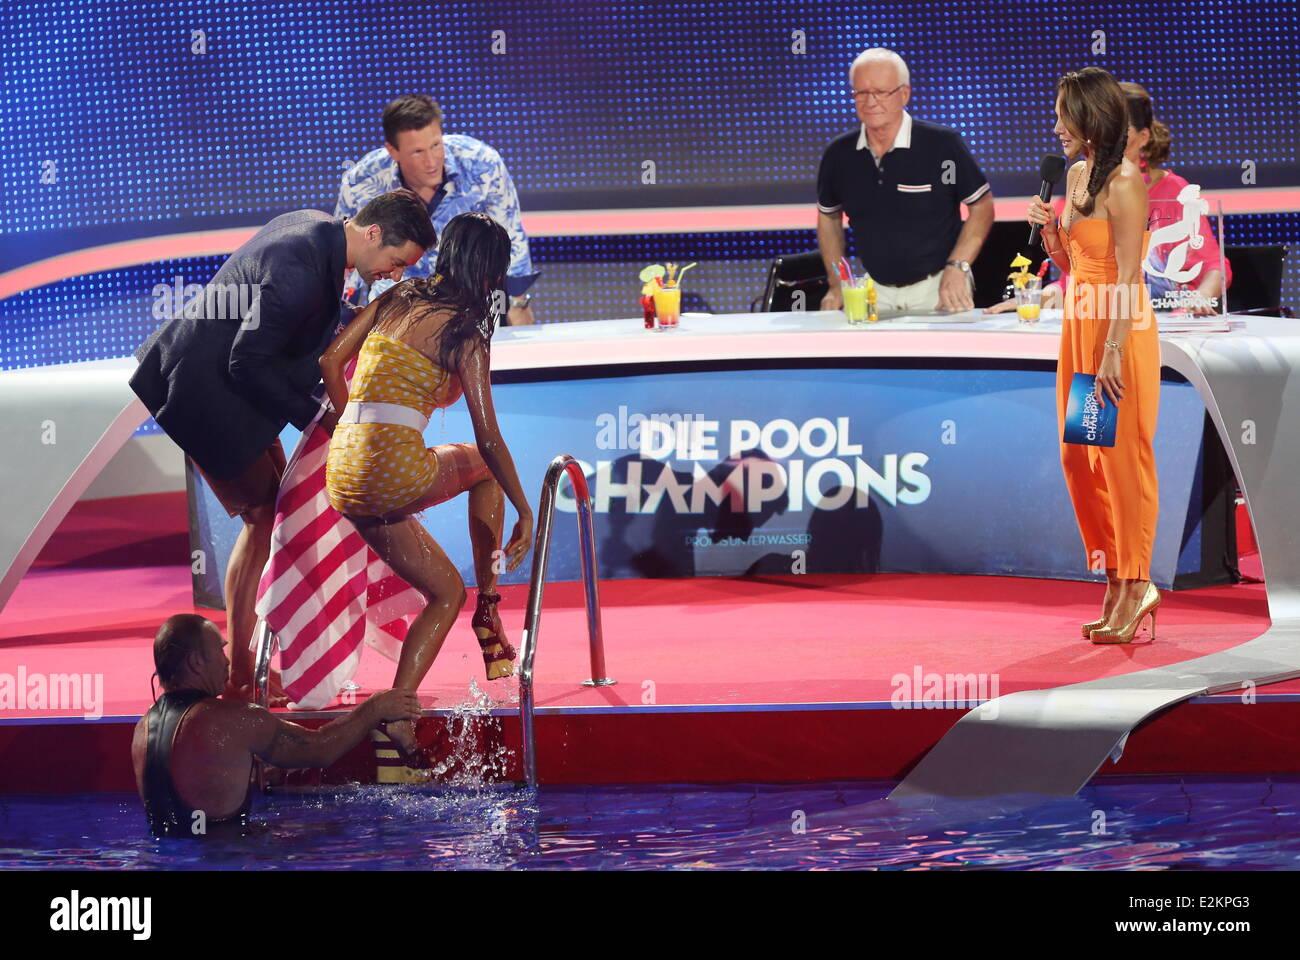 Verona Pooth On German Rtl Tv Show Stockfotos und -bilder